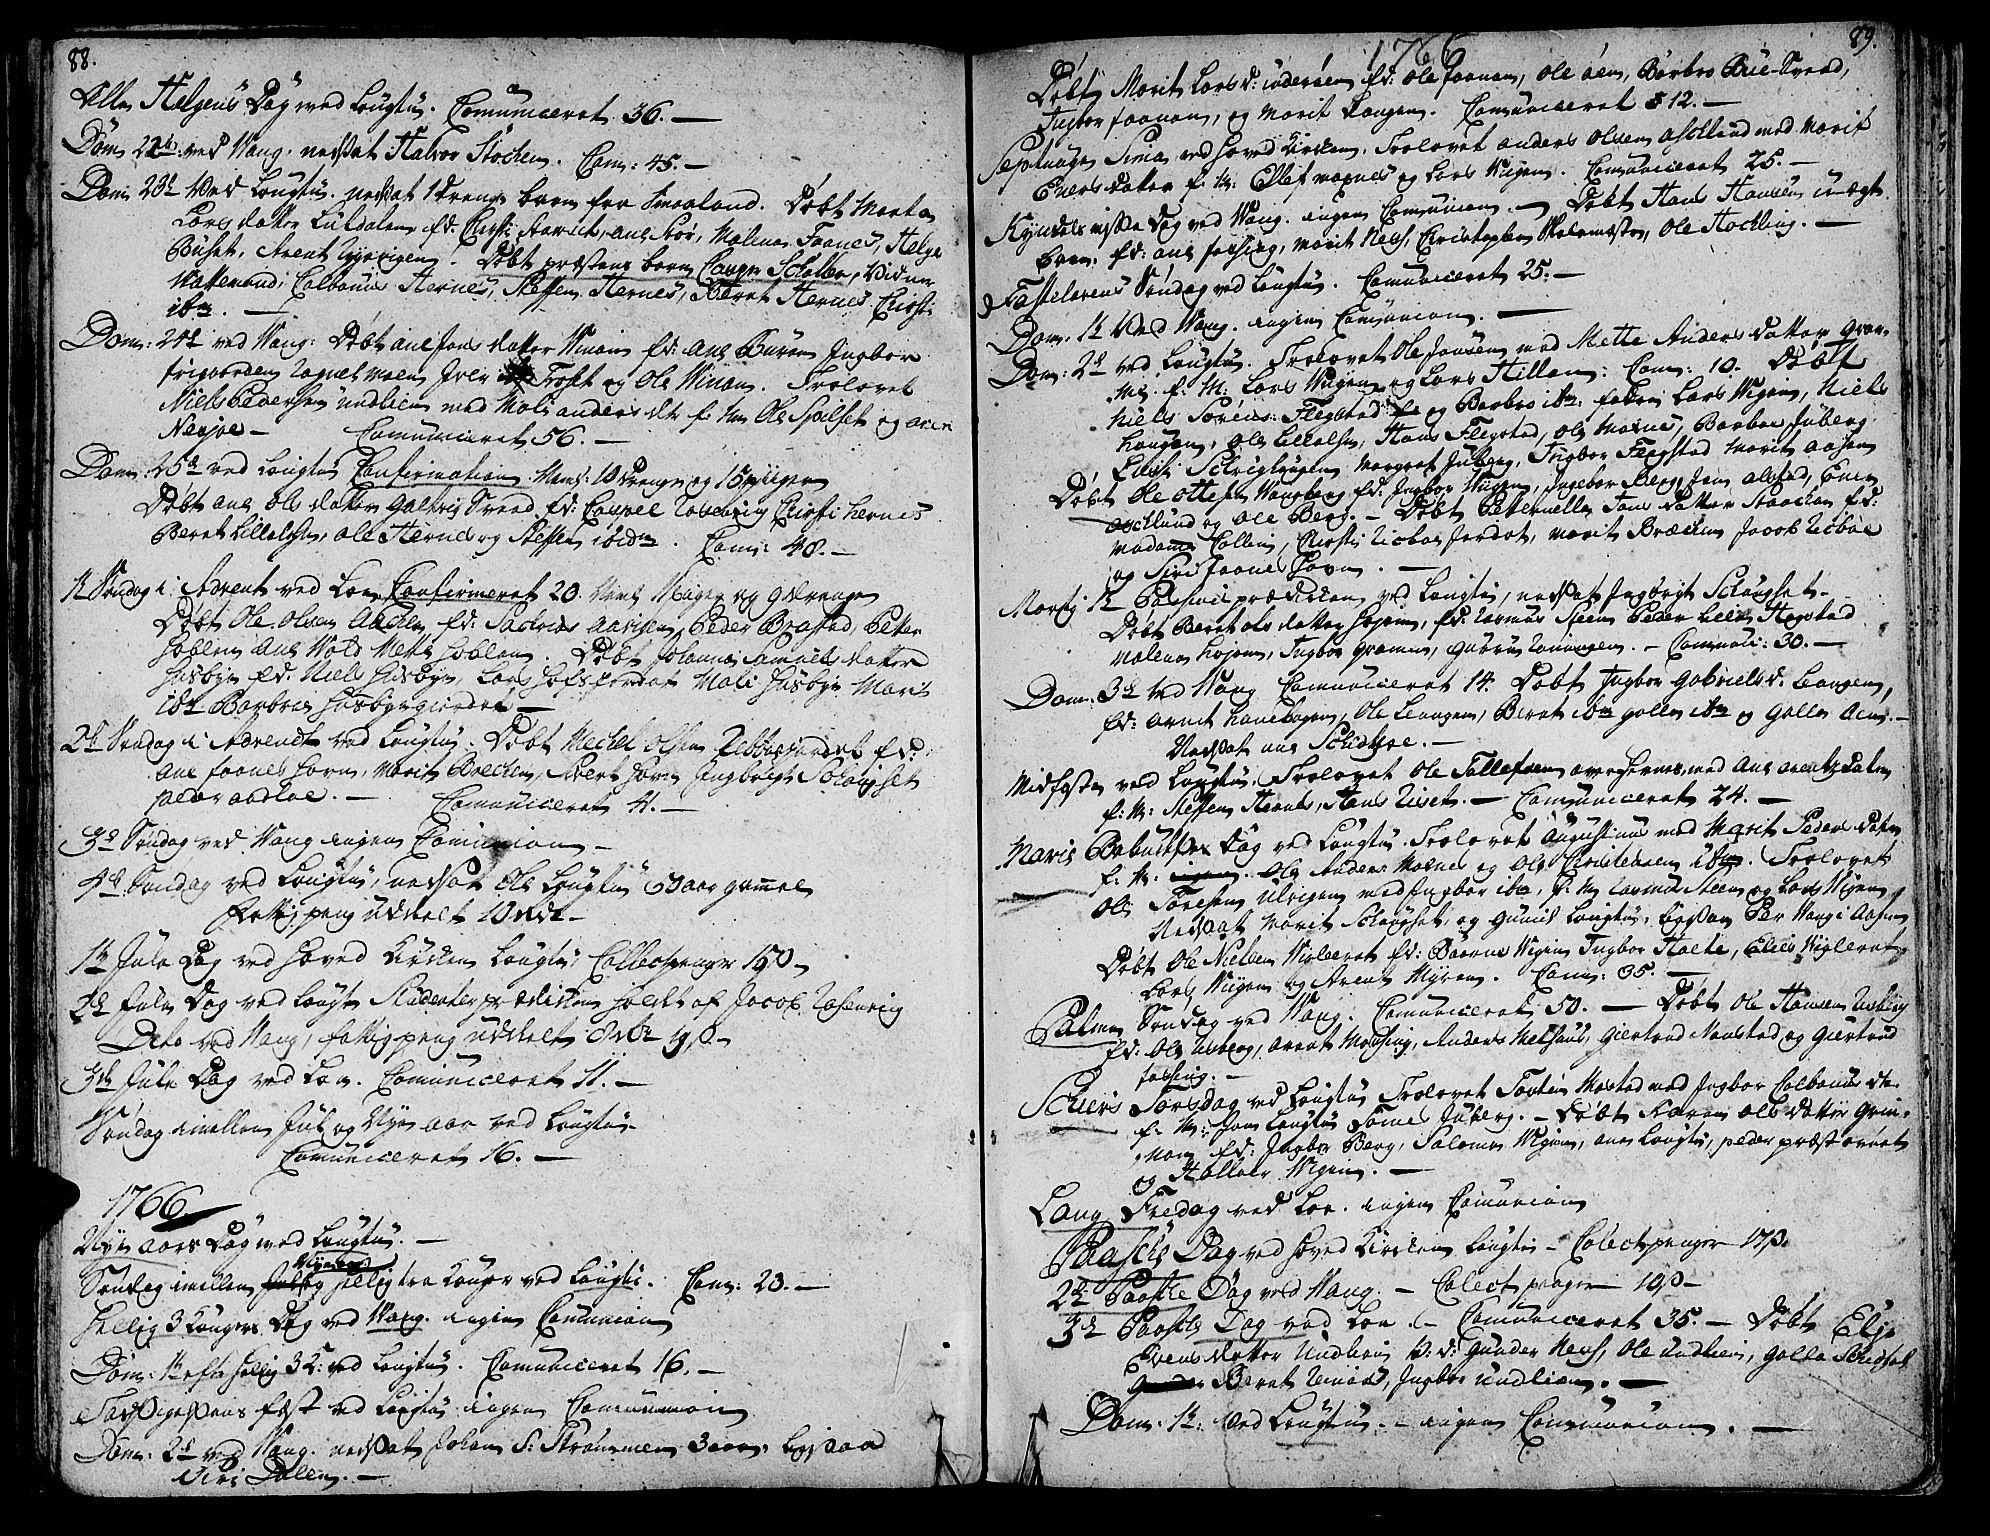 SAT, Ministerialprotokoller, klokkerbøker og fødselsregistre - Nord-Trøndelag, 713/L0109: Ministerialbok nr. 713A01, 1750-1778, s. 88-89